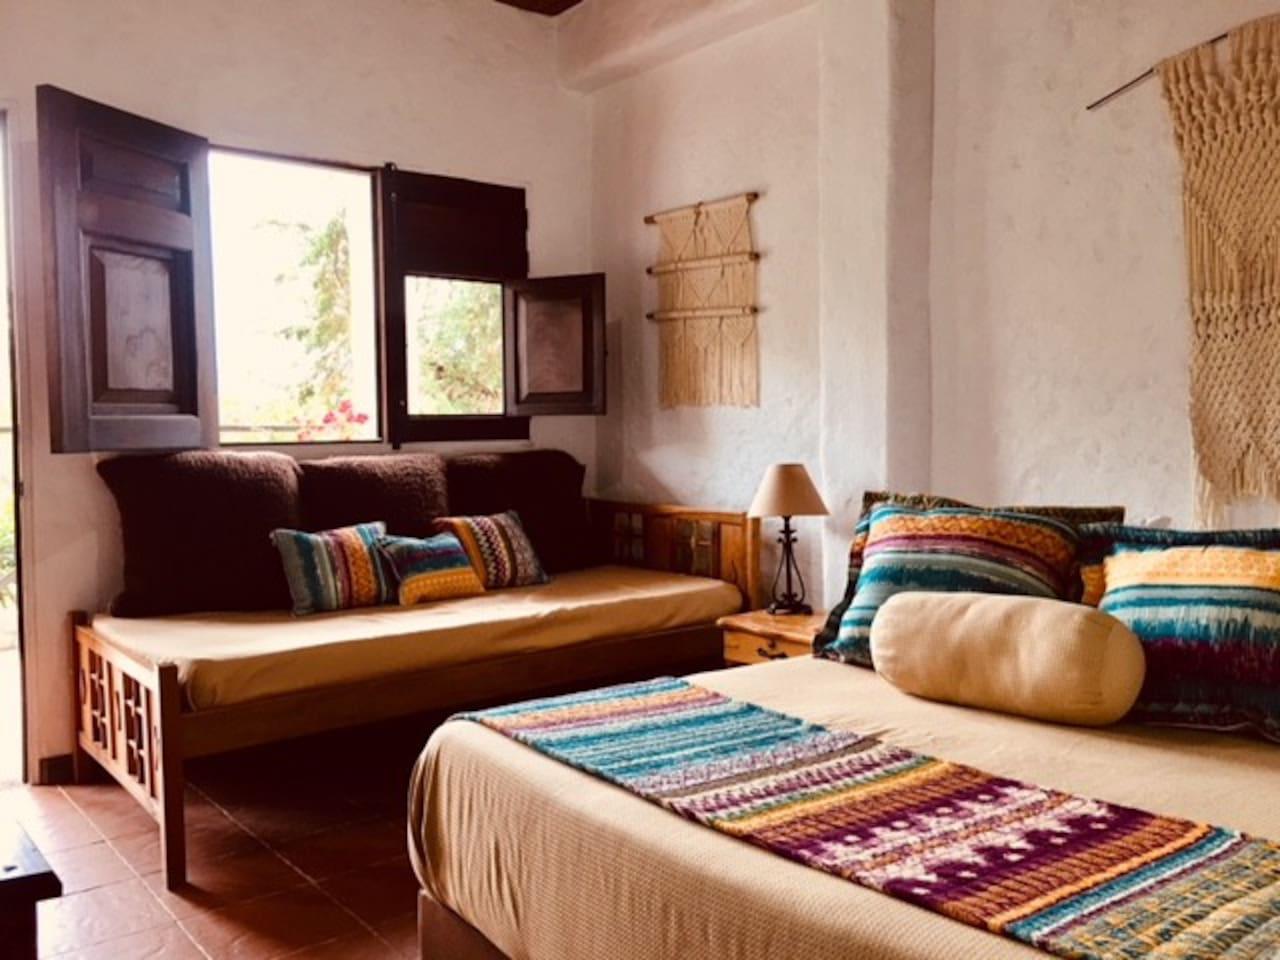 Cama Doble y cama sencilla, con vista a las montañas y el pueblo.